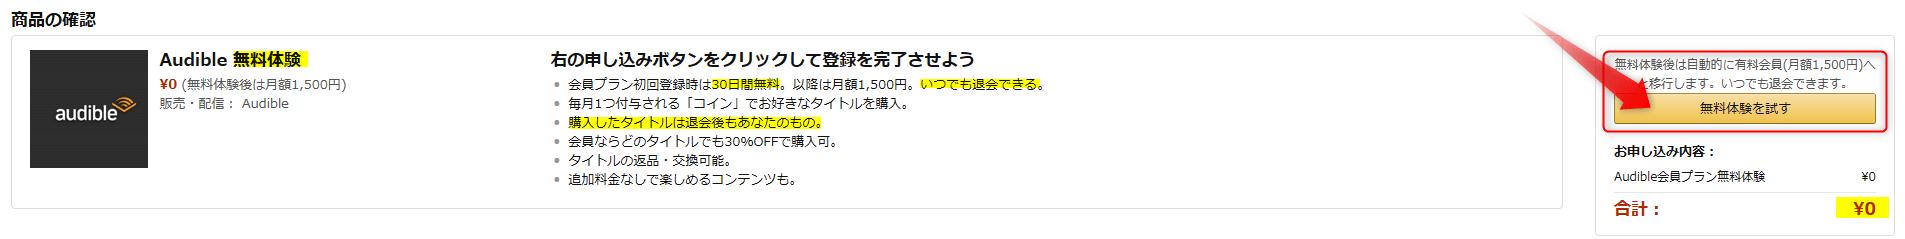 おすすめ本ランキング